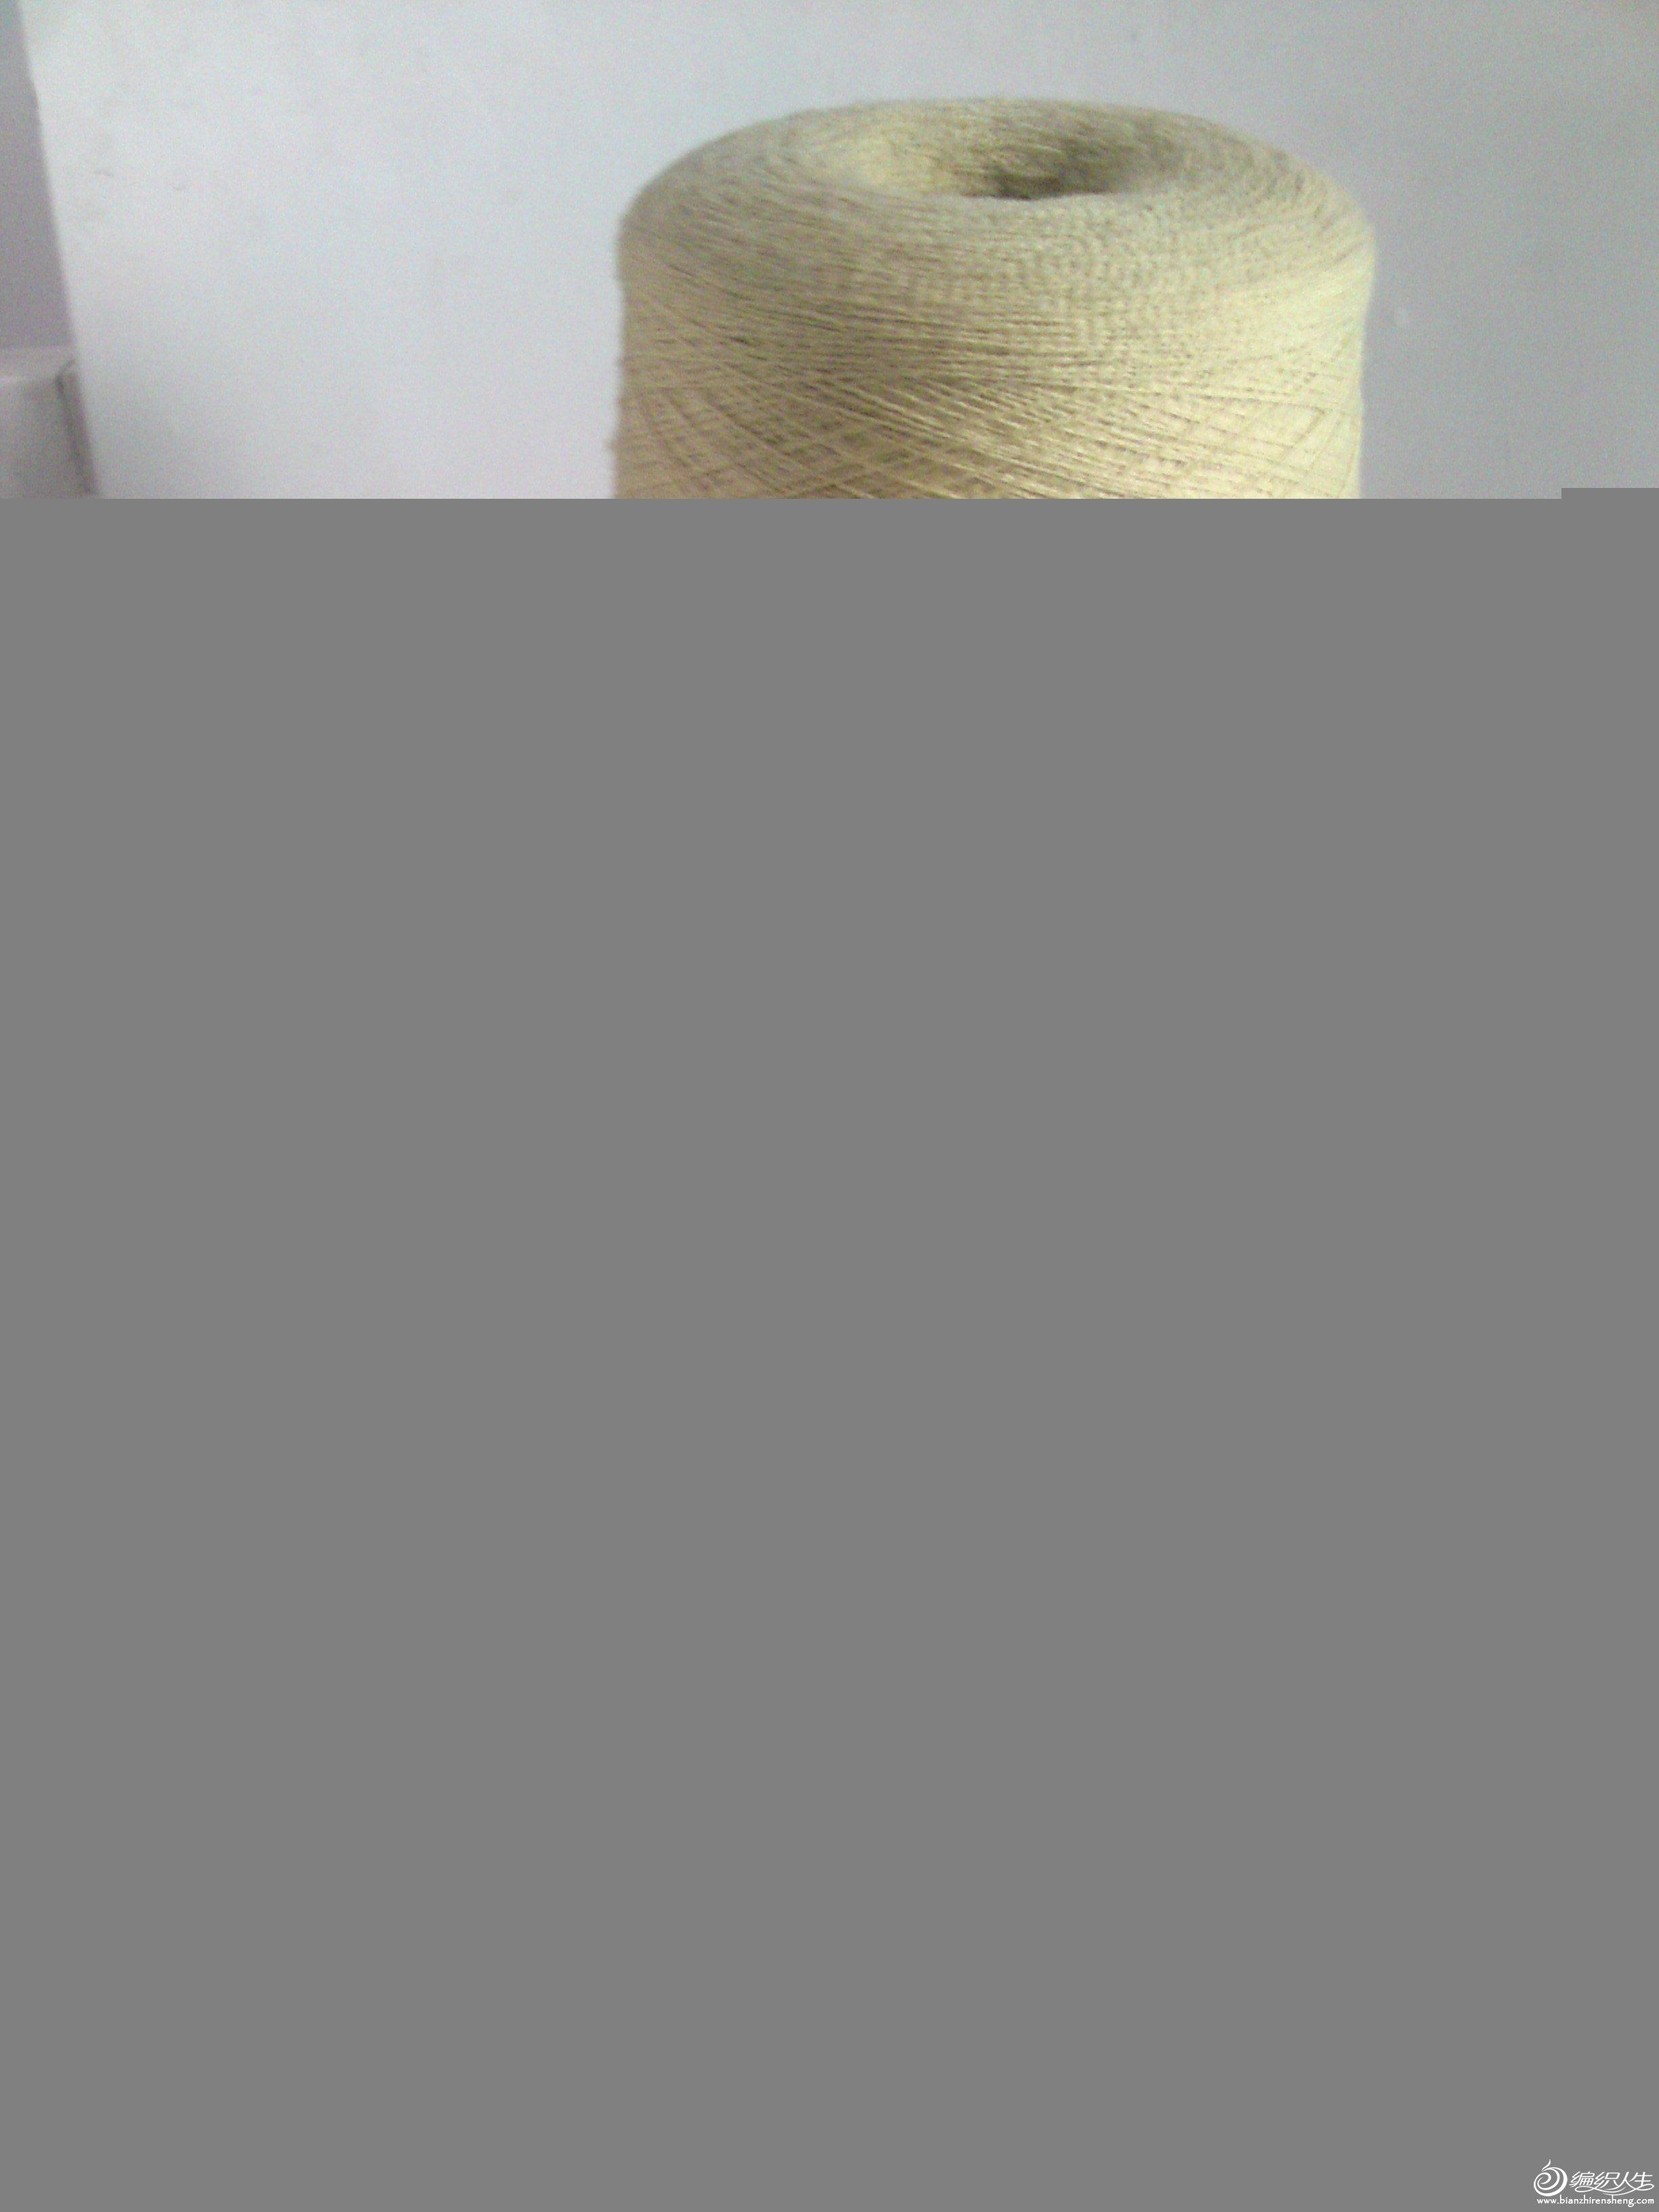 猫人弹力羊毛,秋草绿色,45元/斤,可分